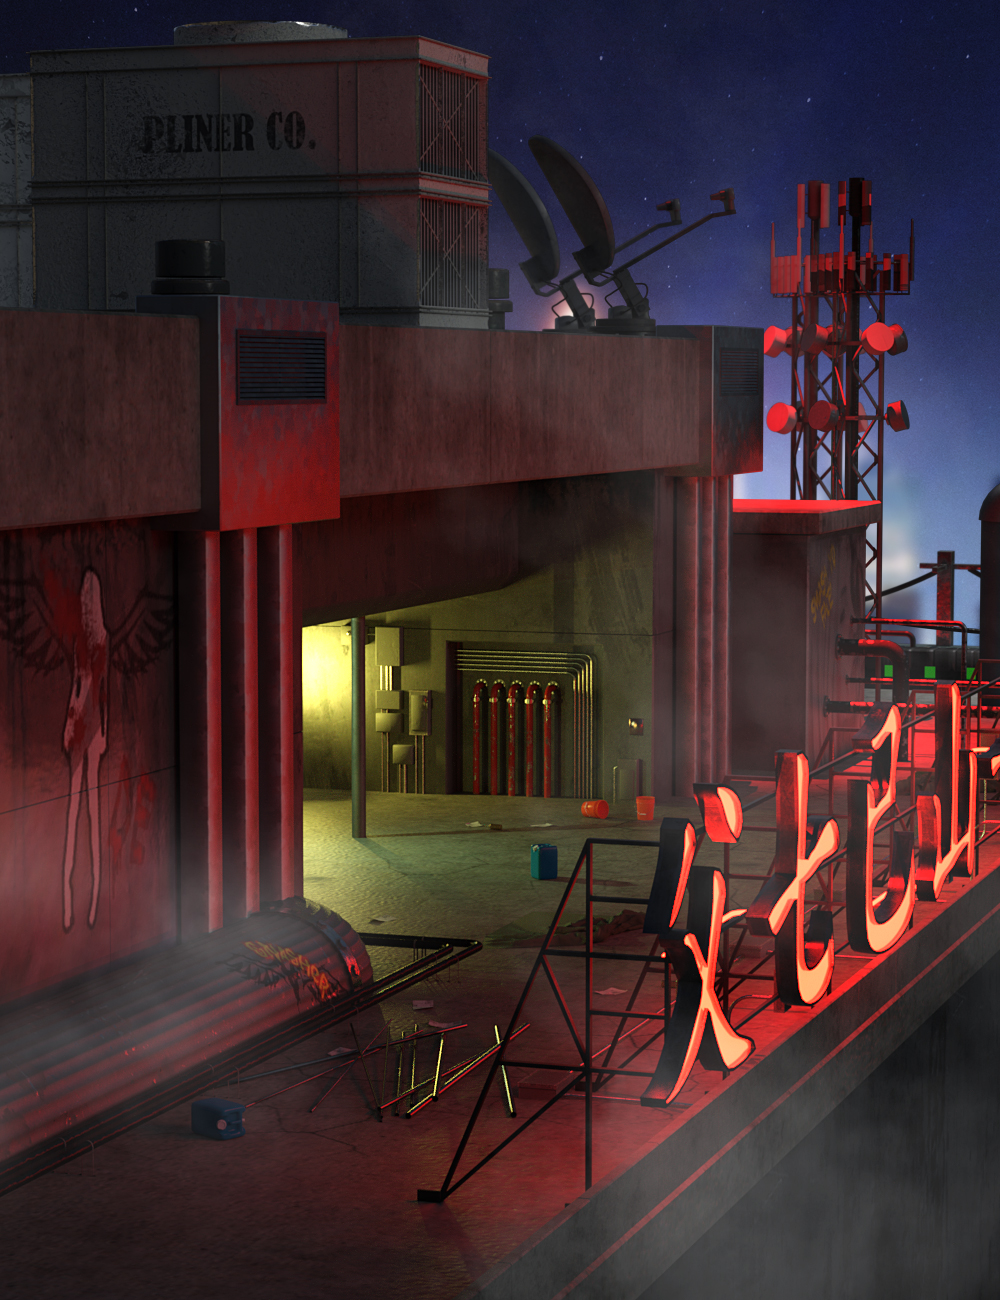 SciFi Rooftop CyberPunk by: DarkEdgeDesign, 3D Models by Daz 3D